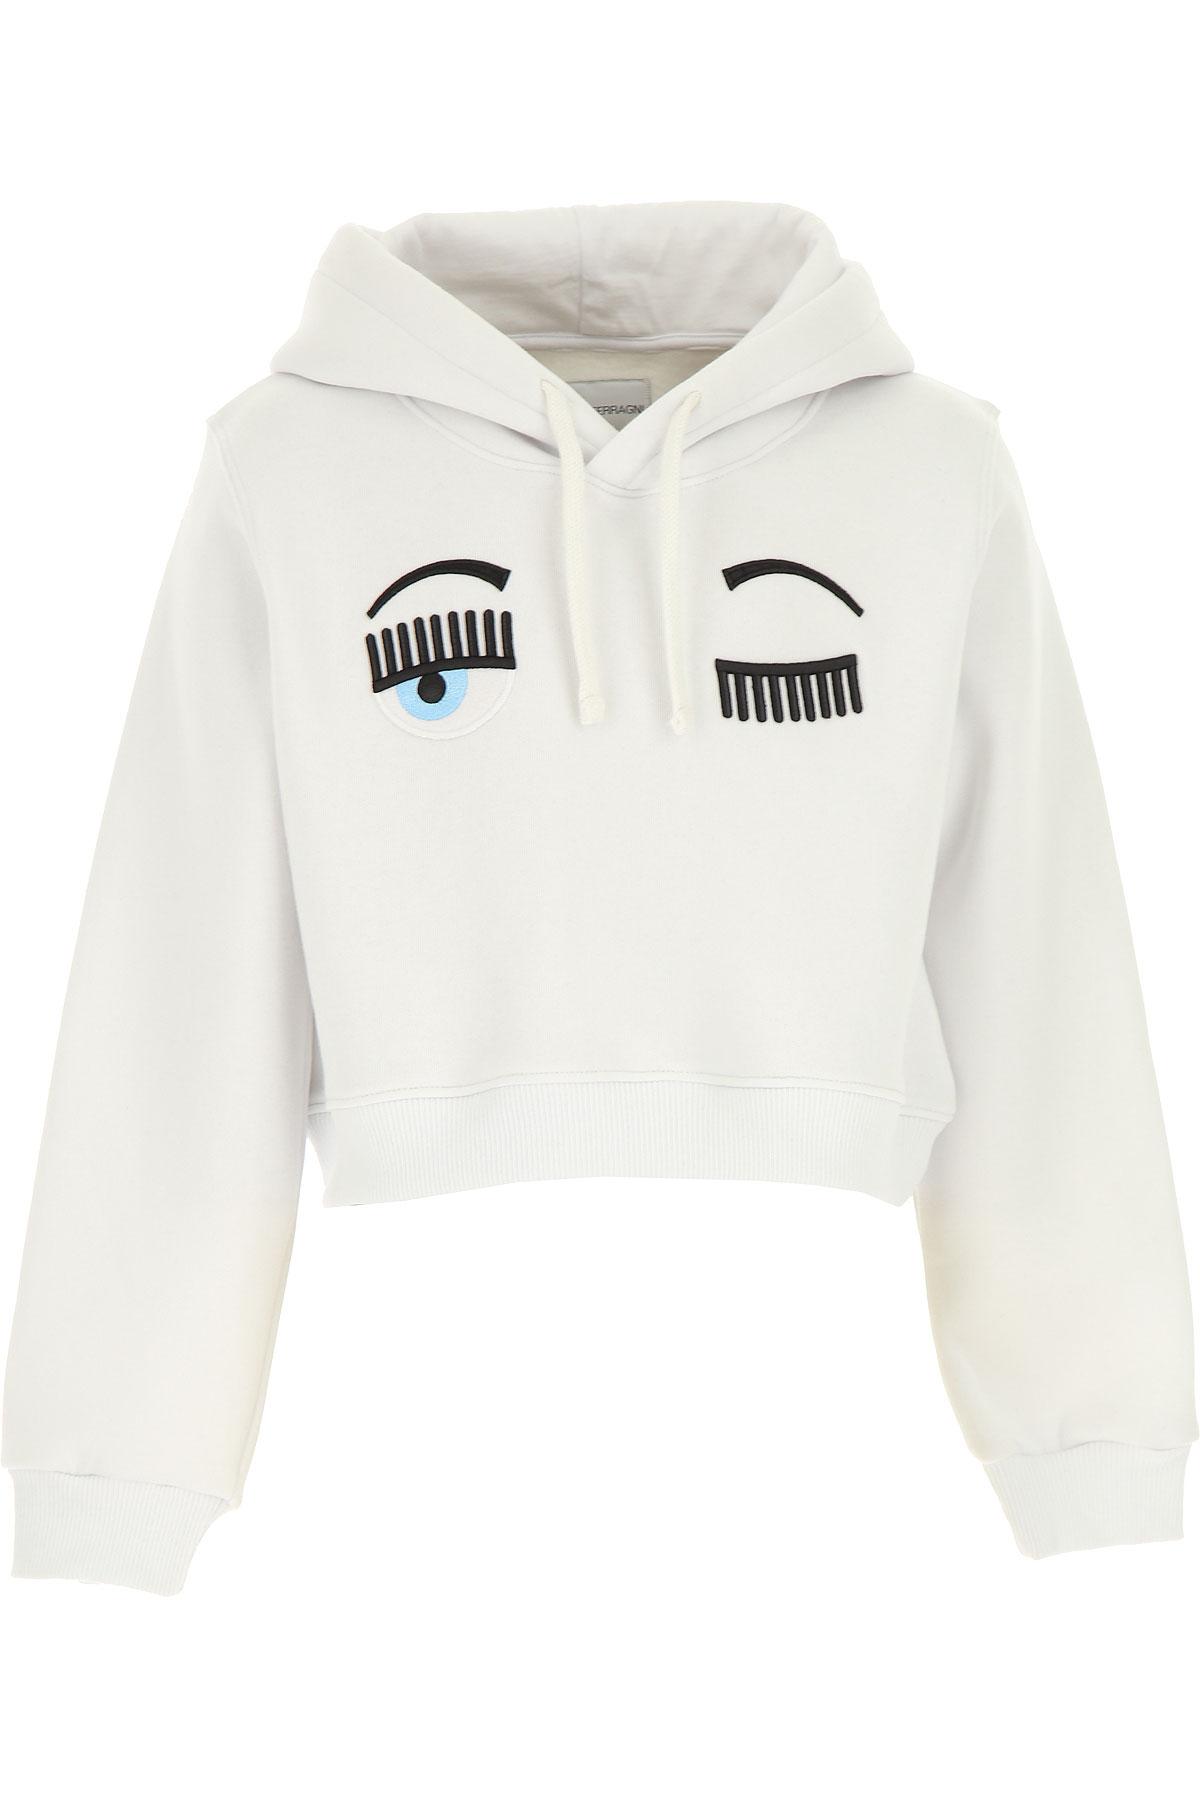 Chiara Ferragni Kids Sweatshirts & Hoodies for Girls On Sale, White, Cotton, 2019, 10Y 12Y 14Y 8Y